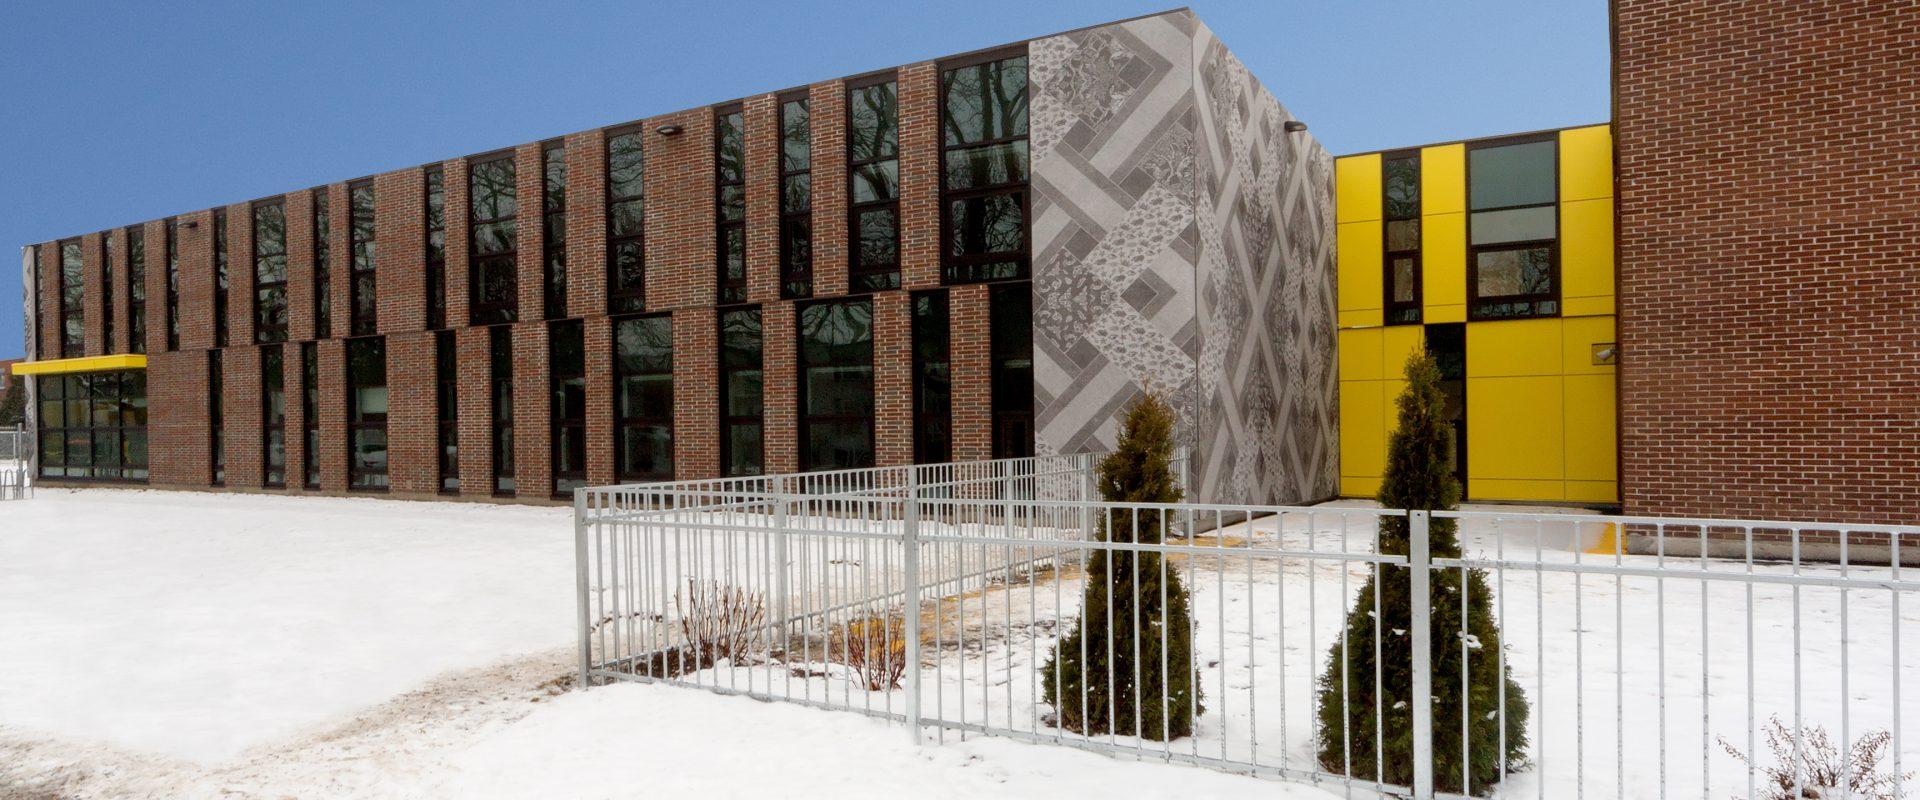 École Saint-François-d'Assise